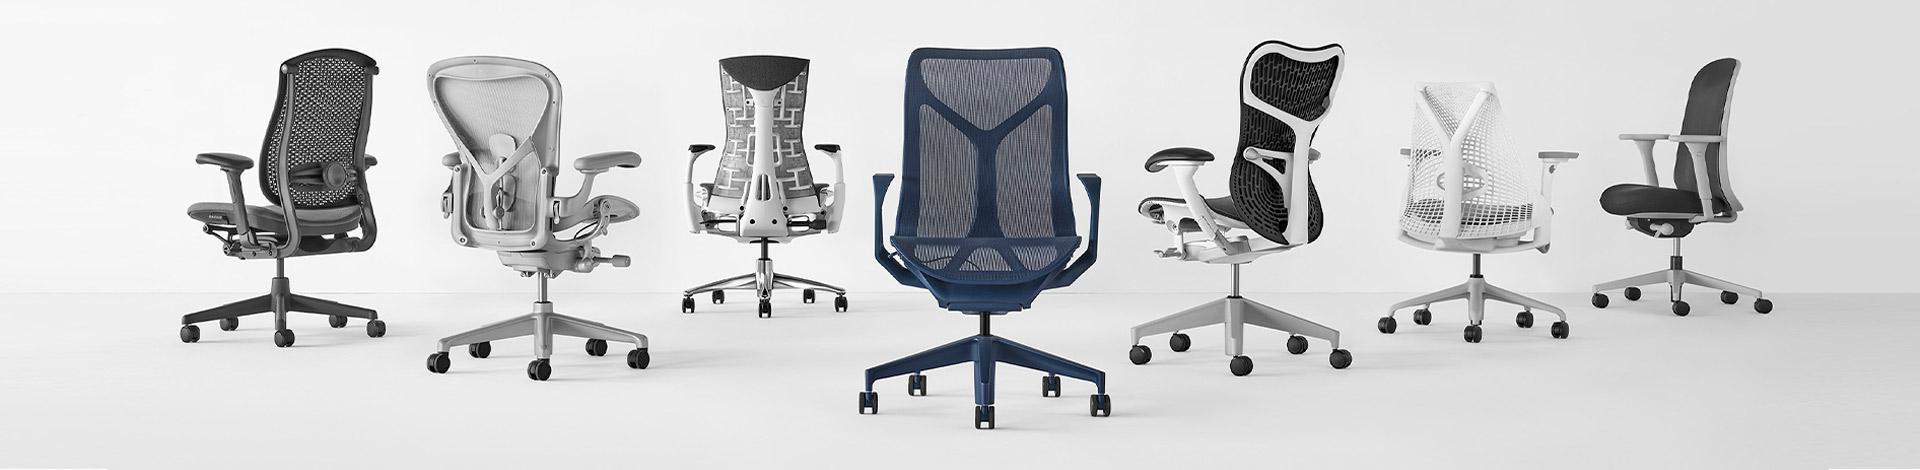 KT Interiorilta löytyy kattava valikoima ergonomisia työtuoleja